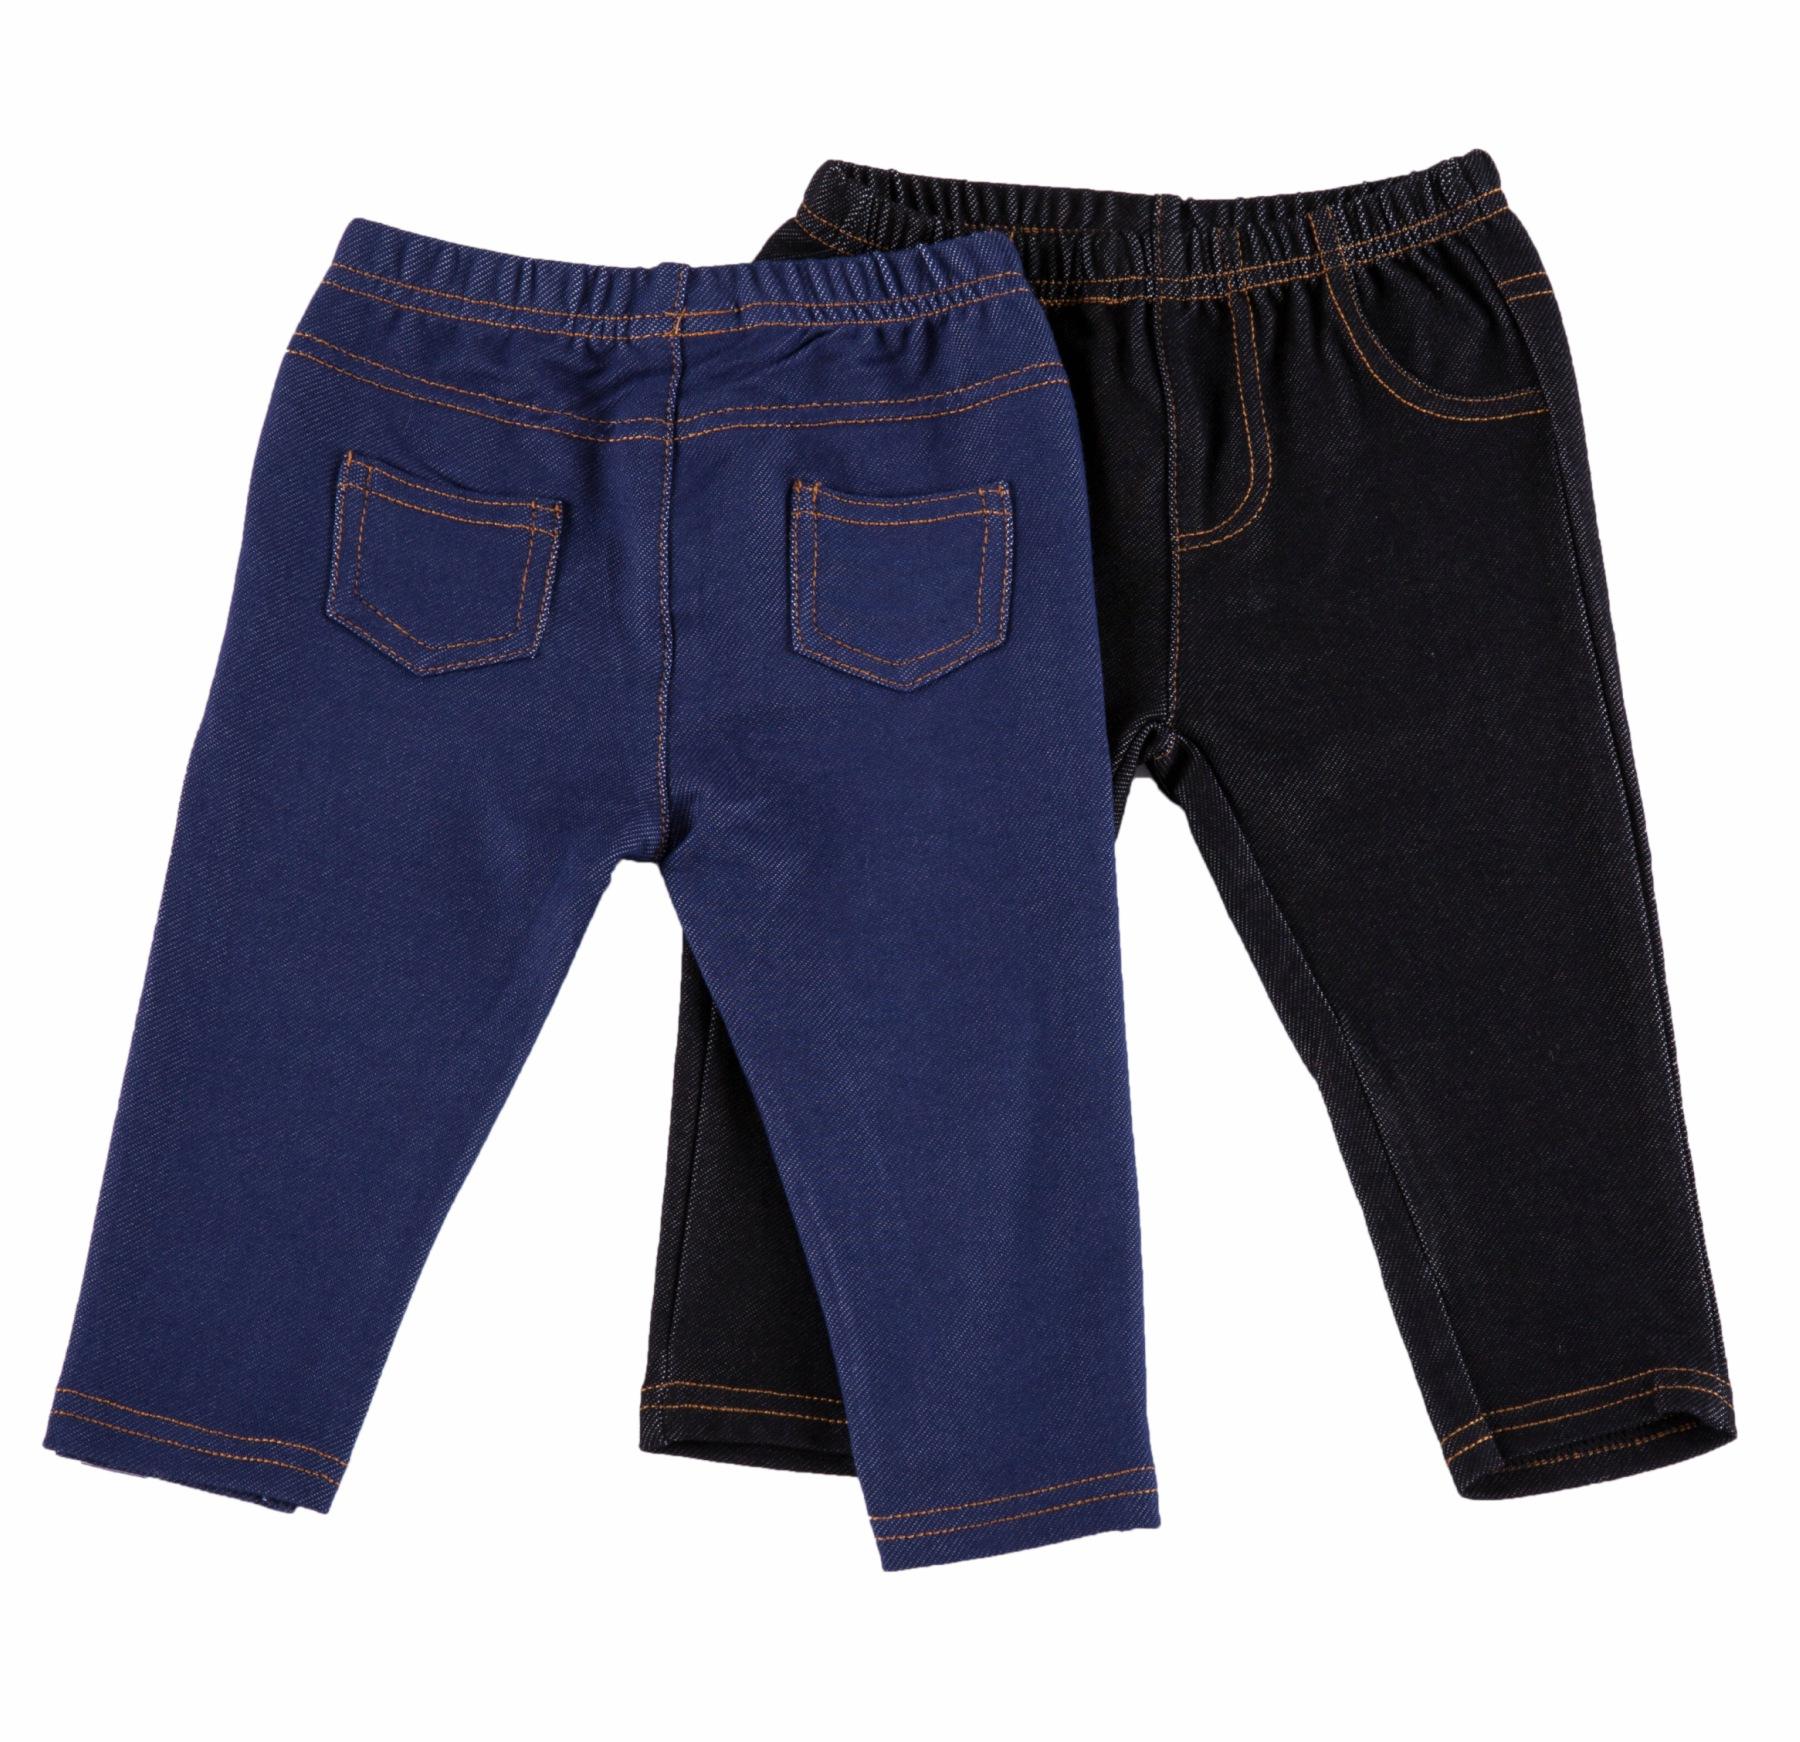 זוכ מכנסיים דמוי ג'ינס פלנל עם כיסים